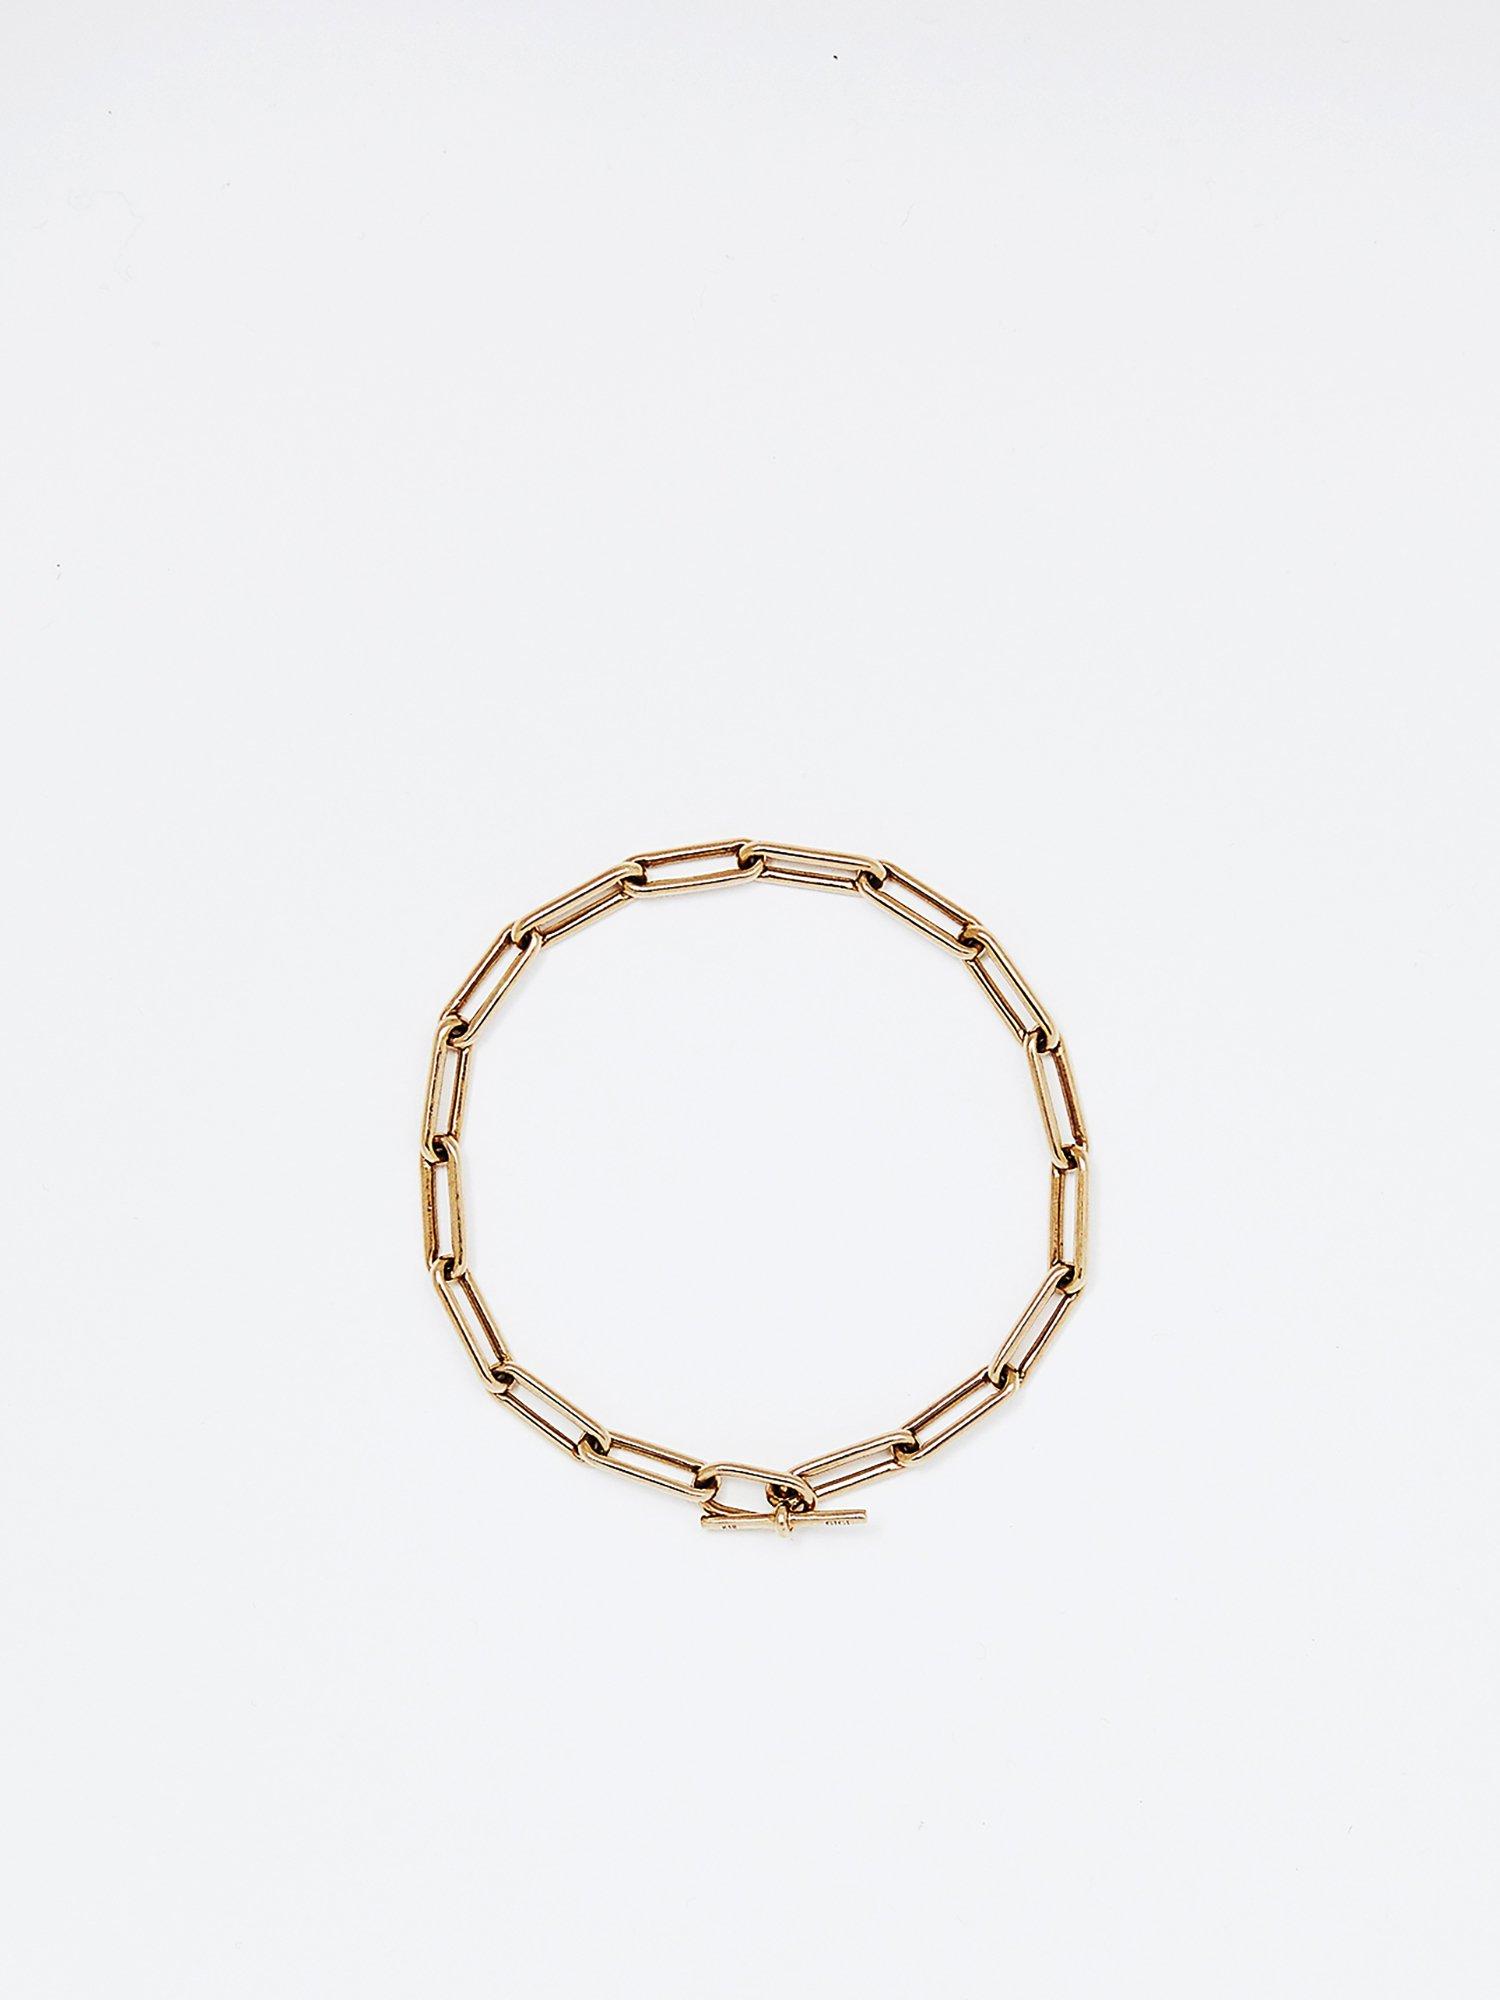 HELIOS / Boned chain bracelet